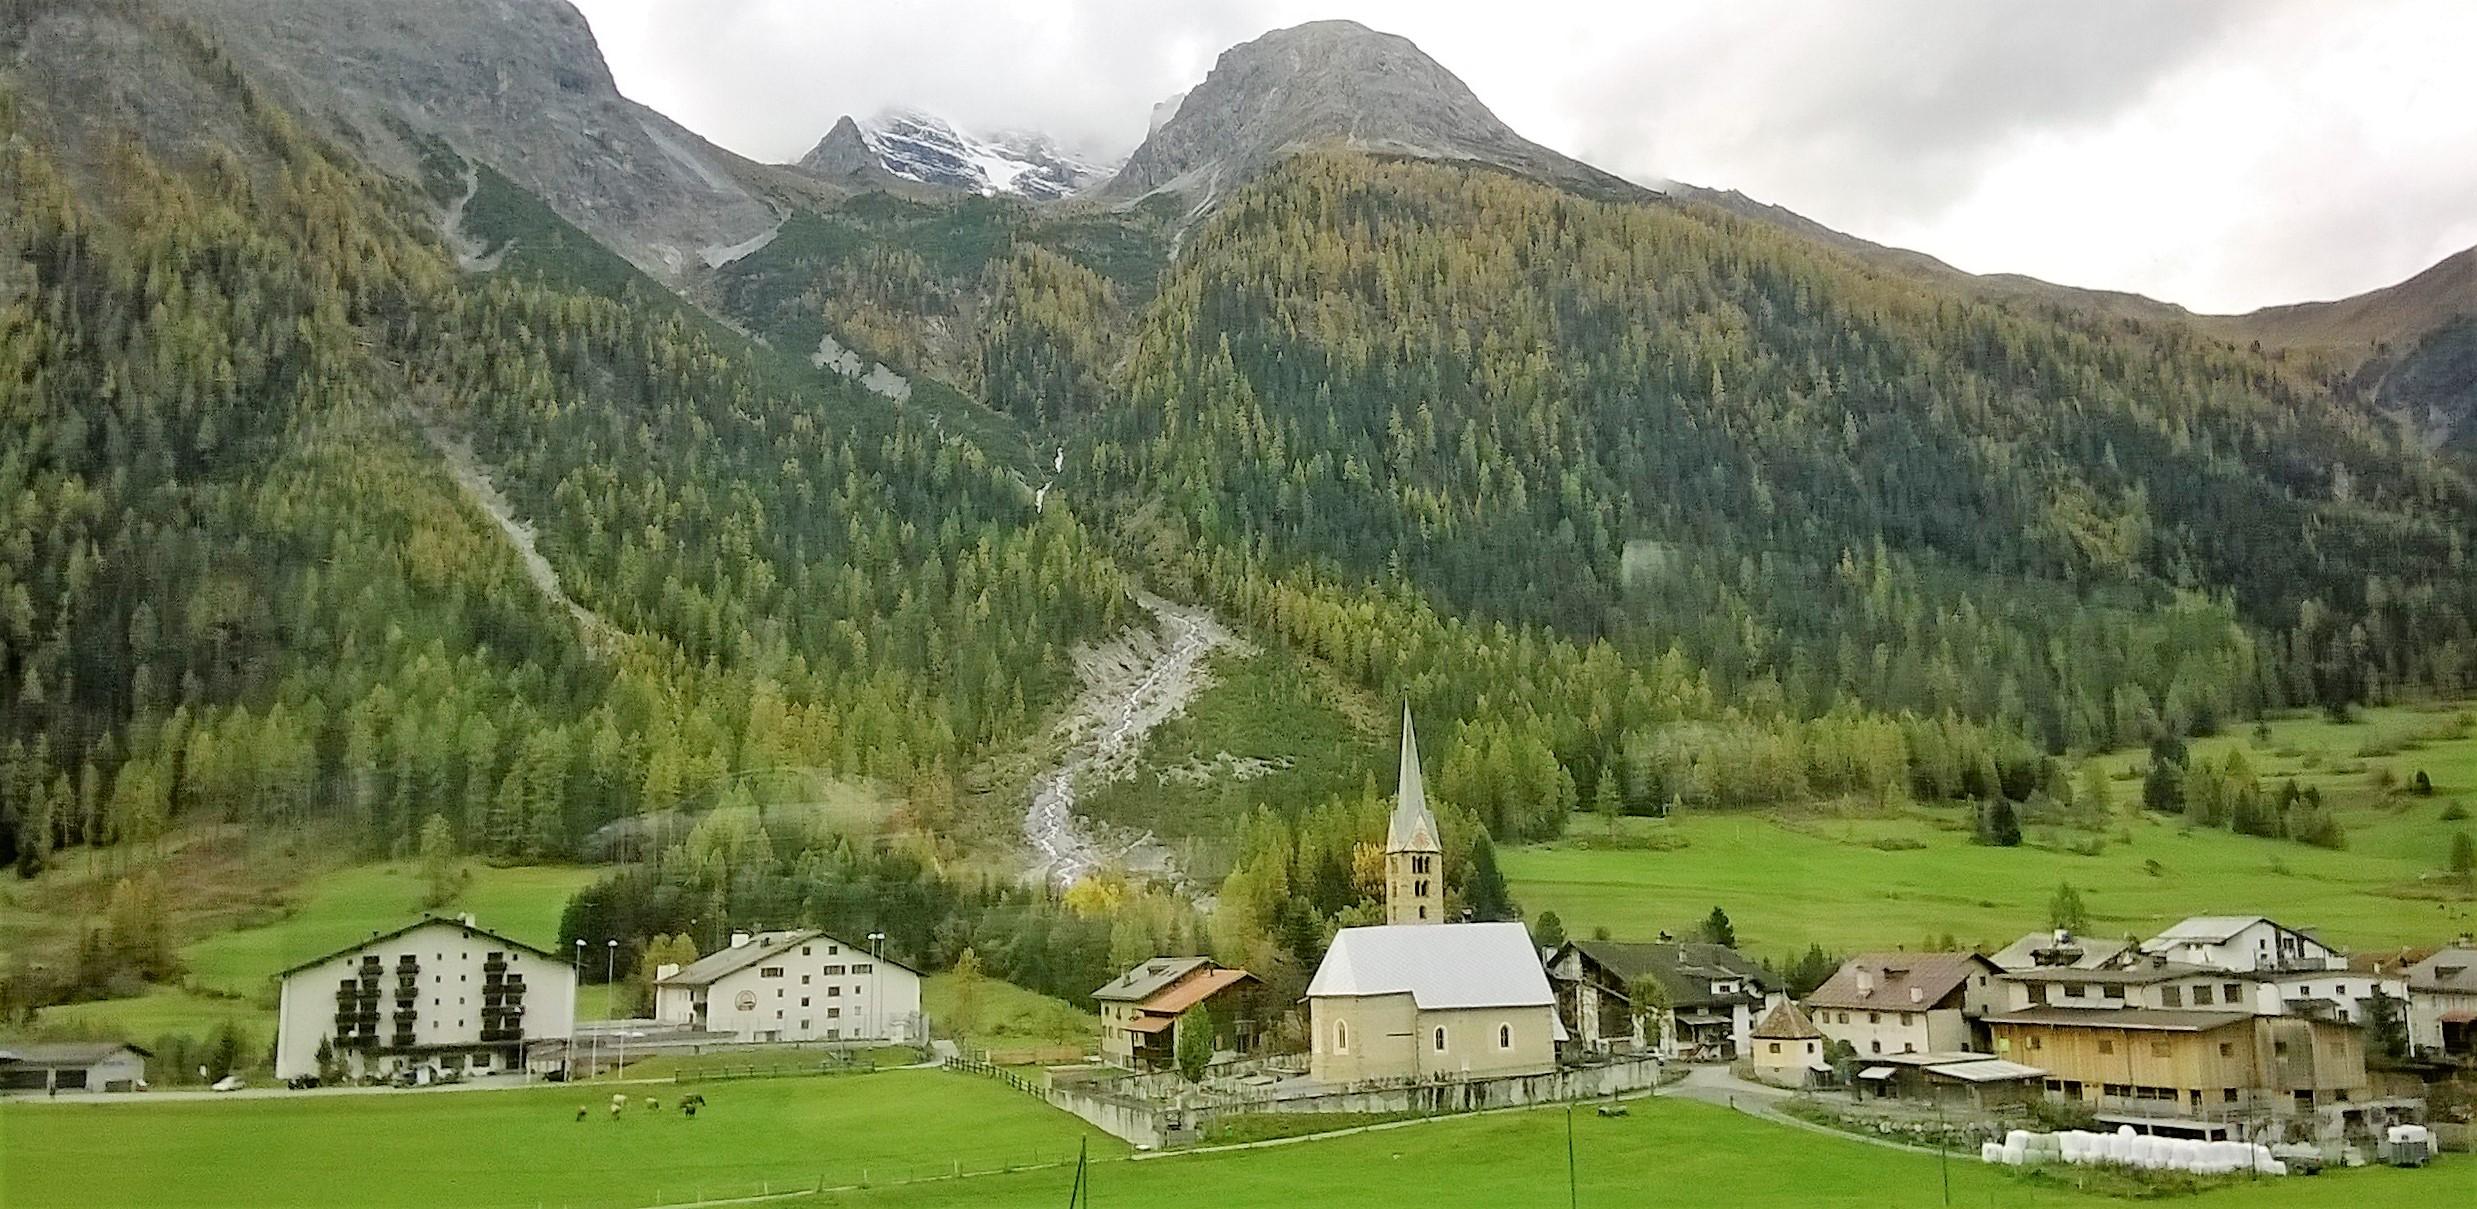 St Moritz to Zurich (Switzerland) then Stuttgart (Germany)